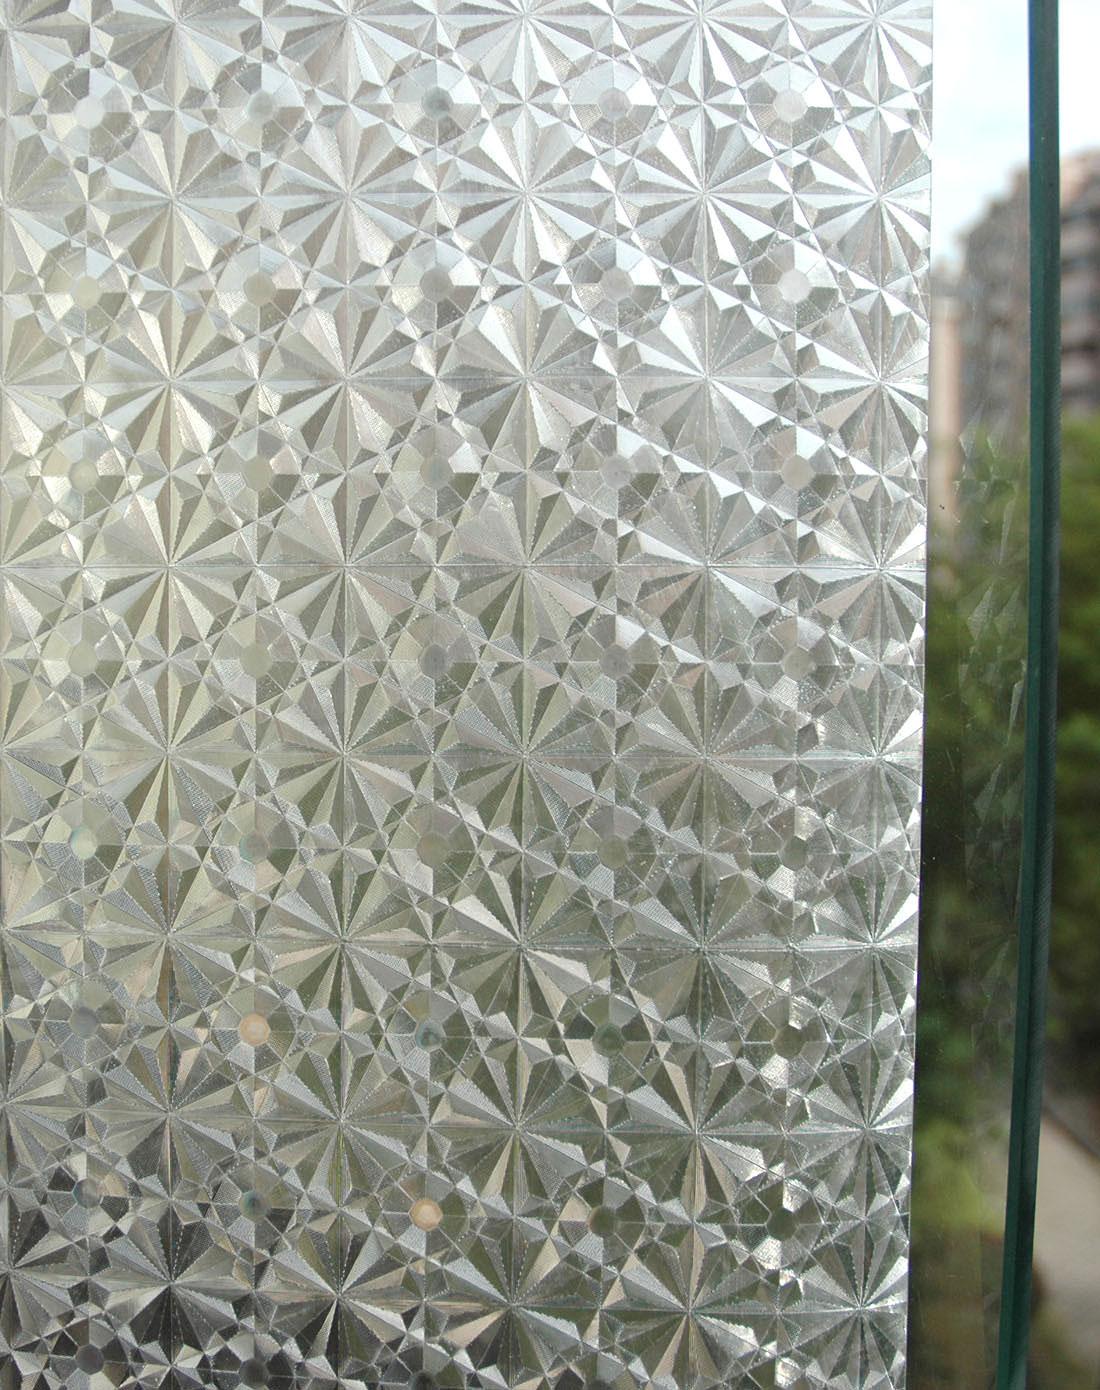 3d花纹静电玻璃窗花贴 2m/卷